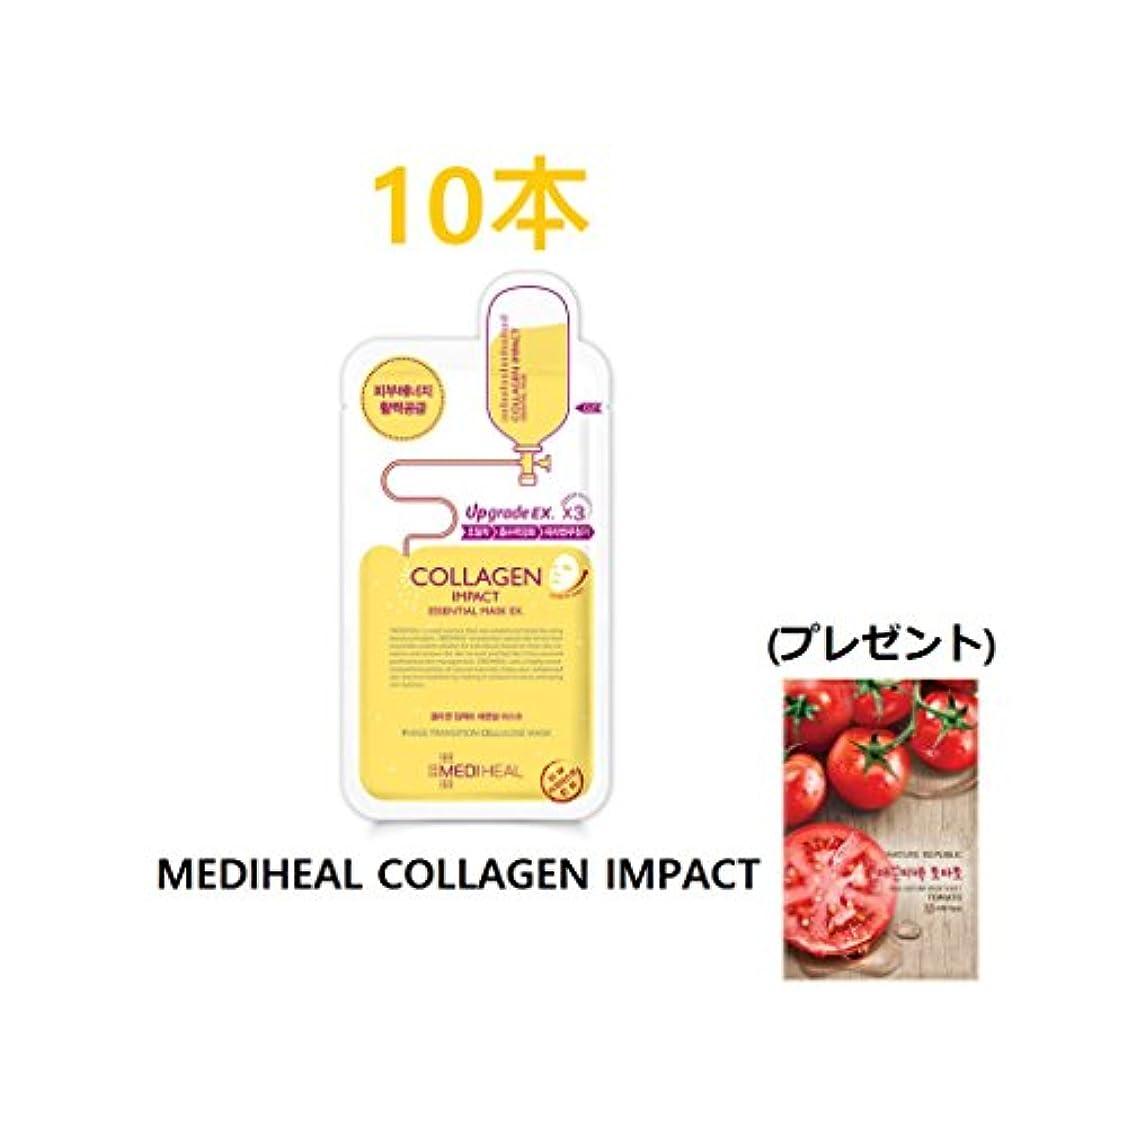 路地偶然米ドル(プレゼント) Mediheal Collagen Impact REX (メディヒール) エッセンシャルマスクパック10枚セット/コラーゲンインパクト/ [並行輸入品]